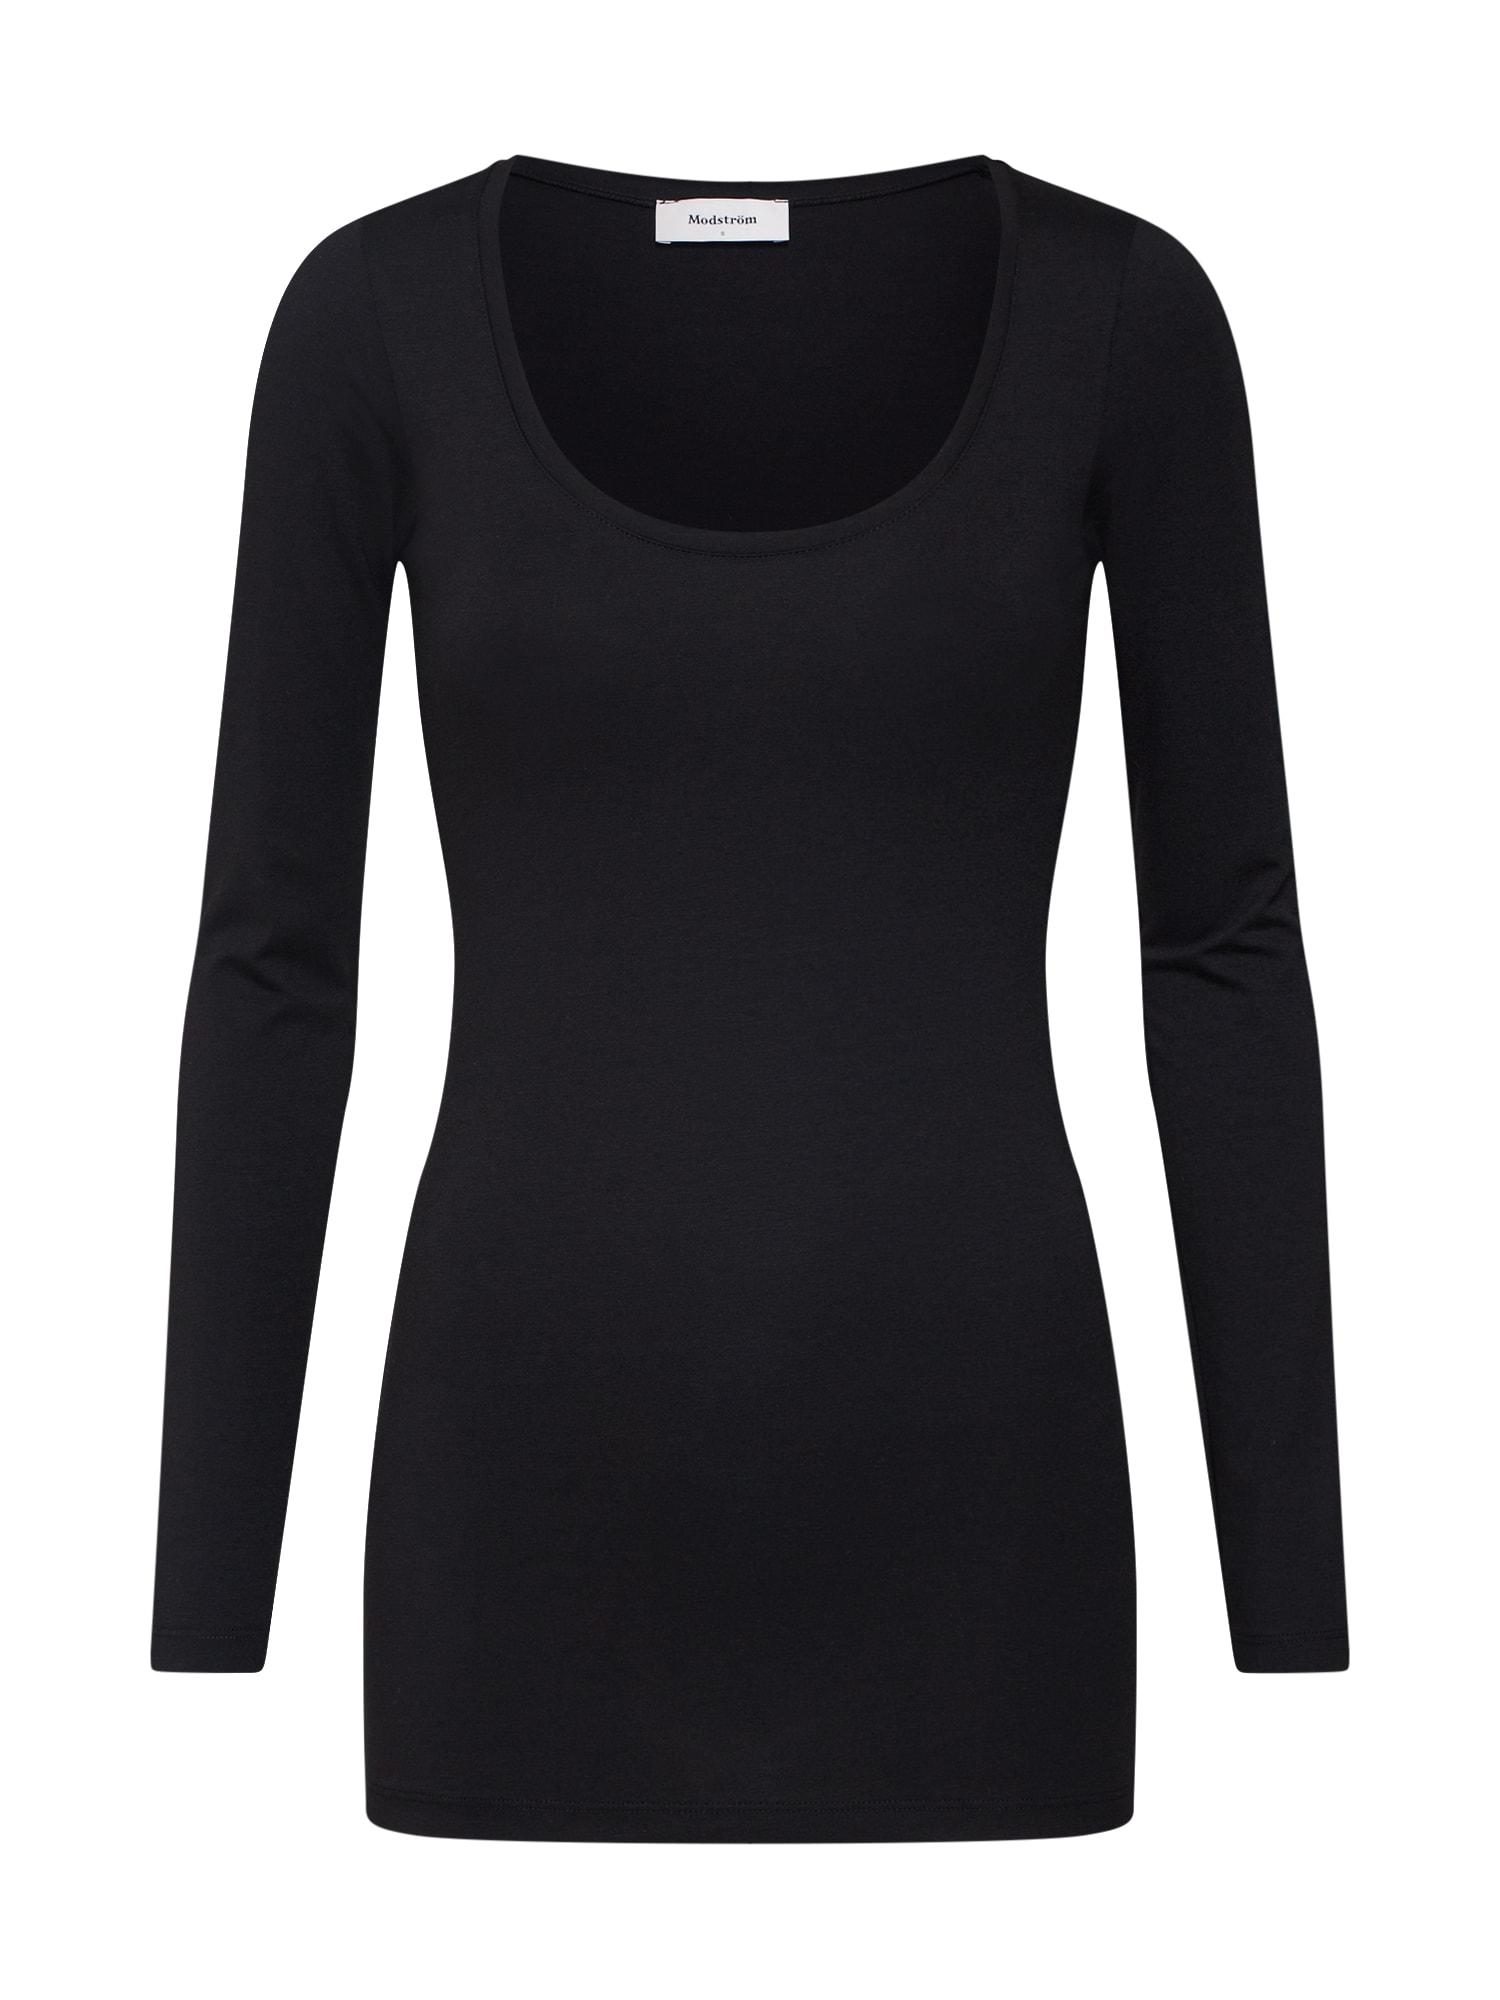 Tričko Turbo černá Modström